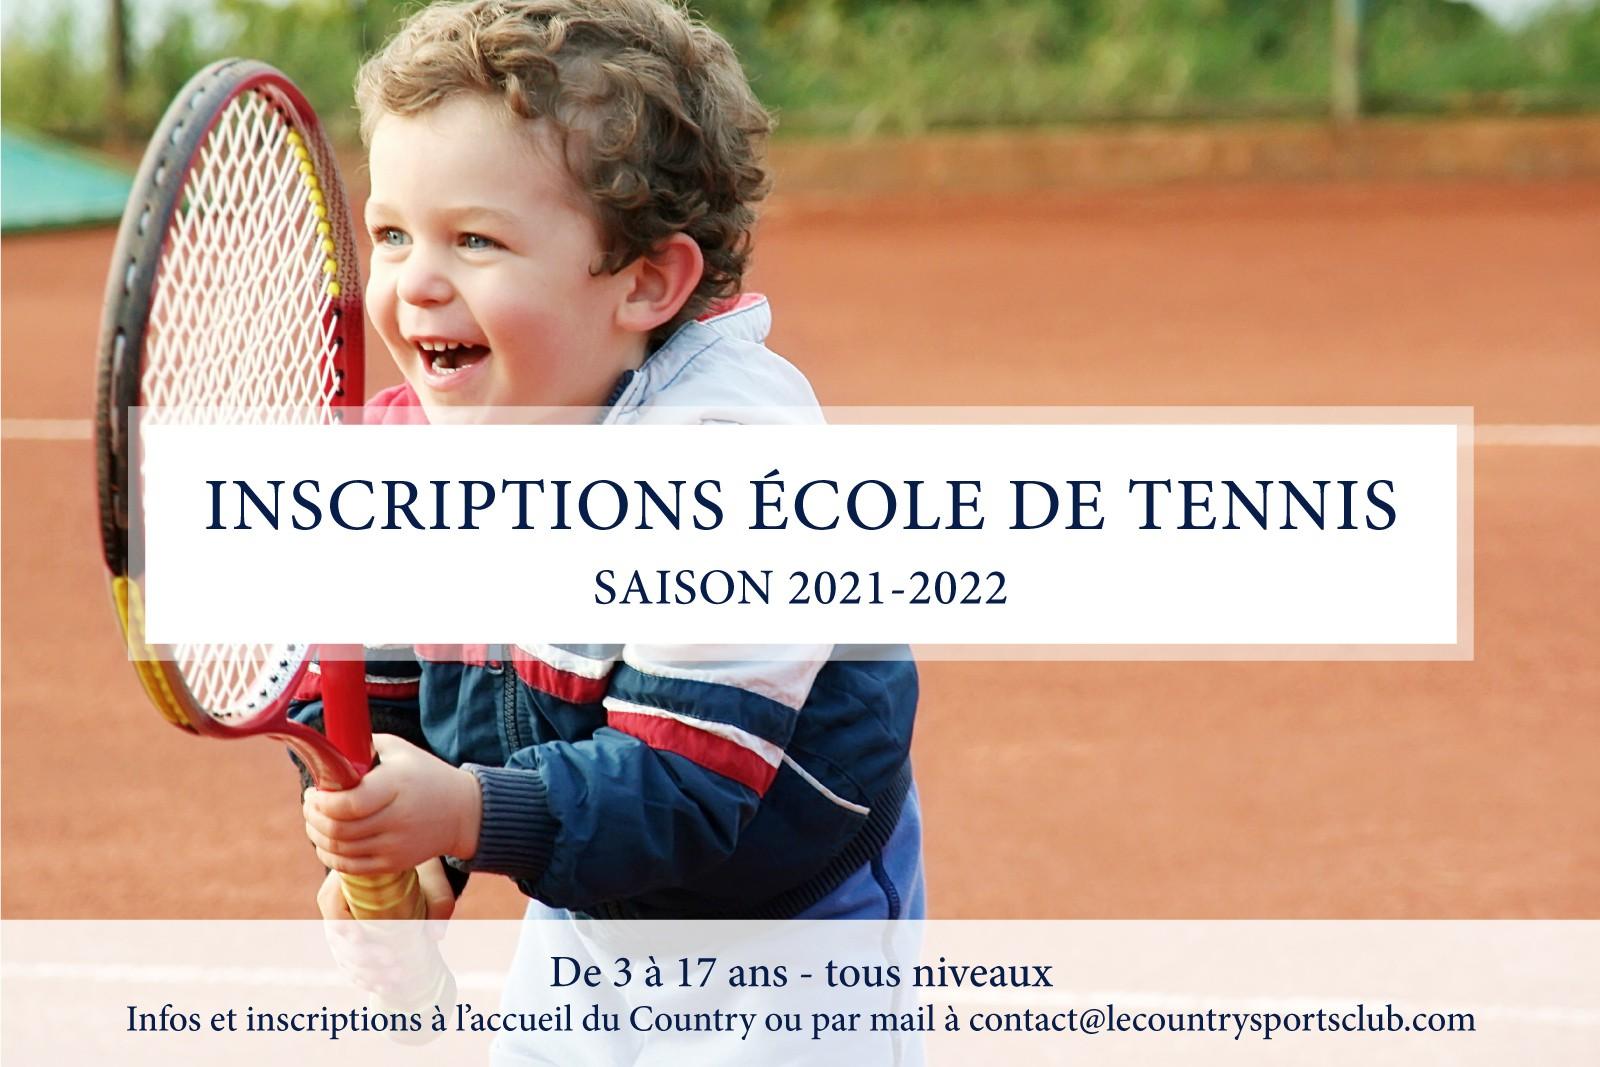 INSCRIPTIONS ÉCOLE DE TENNIS - Saison 2021-2022